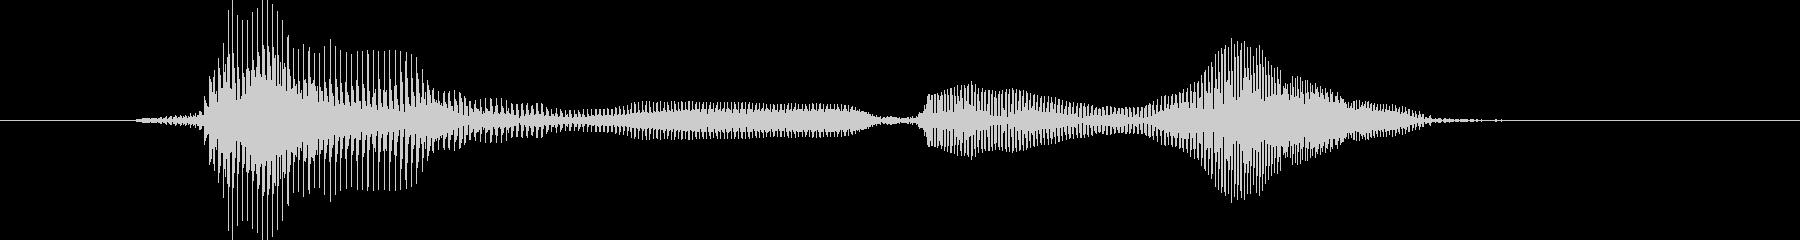 ラウンドワンの未再生の波形